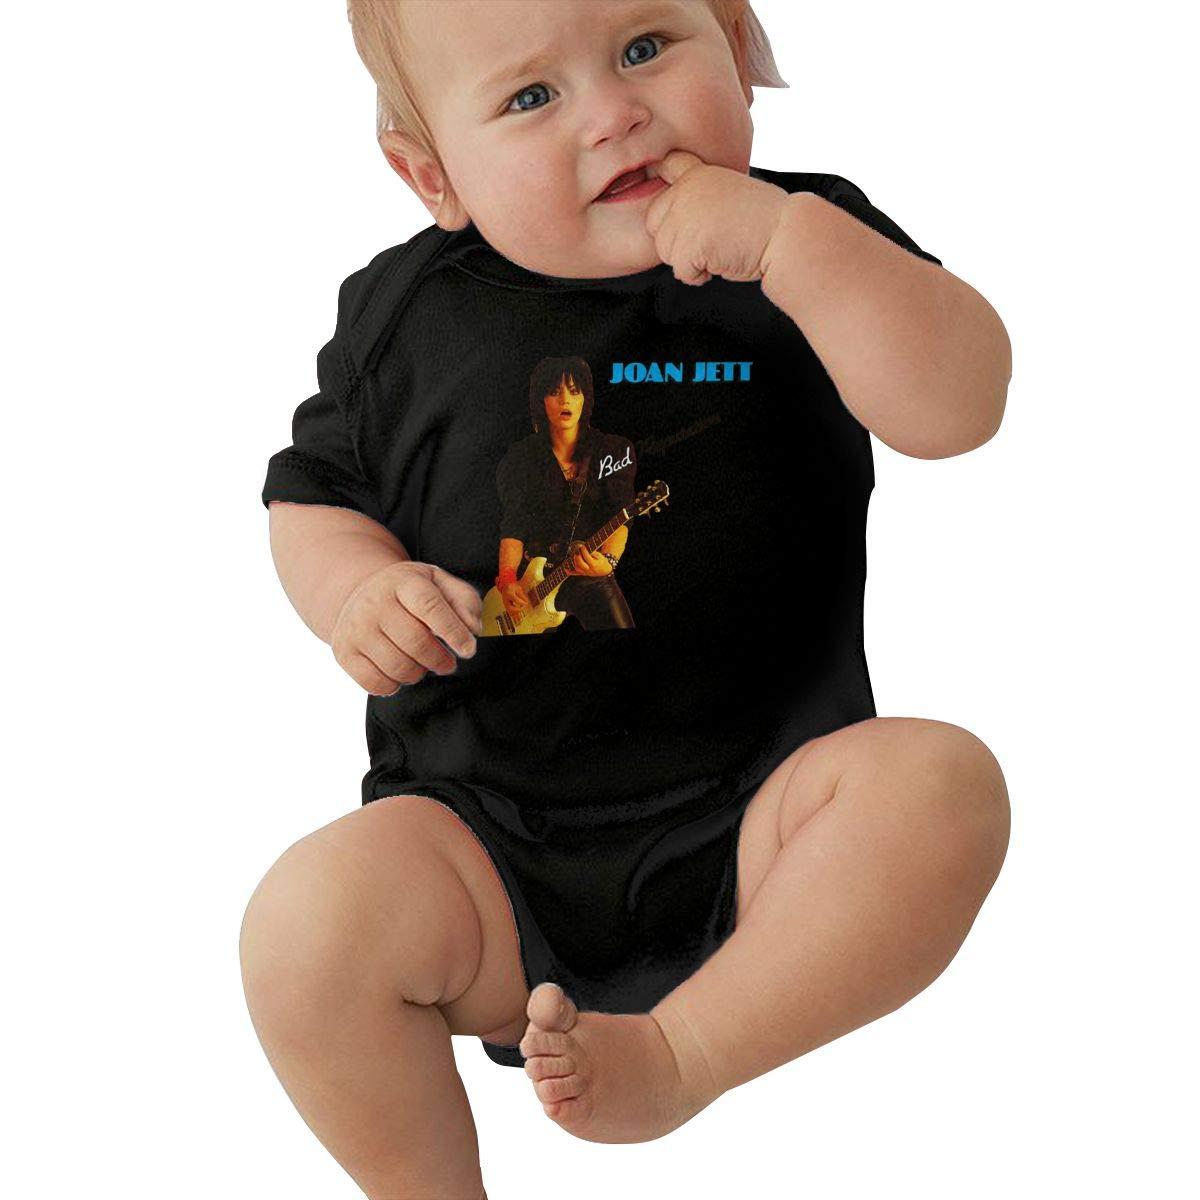 SusanHuling Joan Jett Unisex Baby Boys Girls Romper Bodysuit Infant Funny Jumpsuit